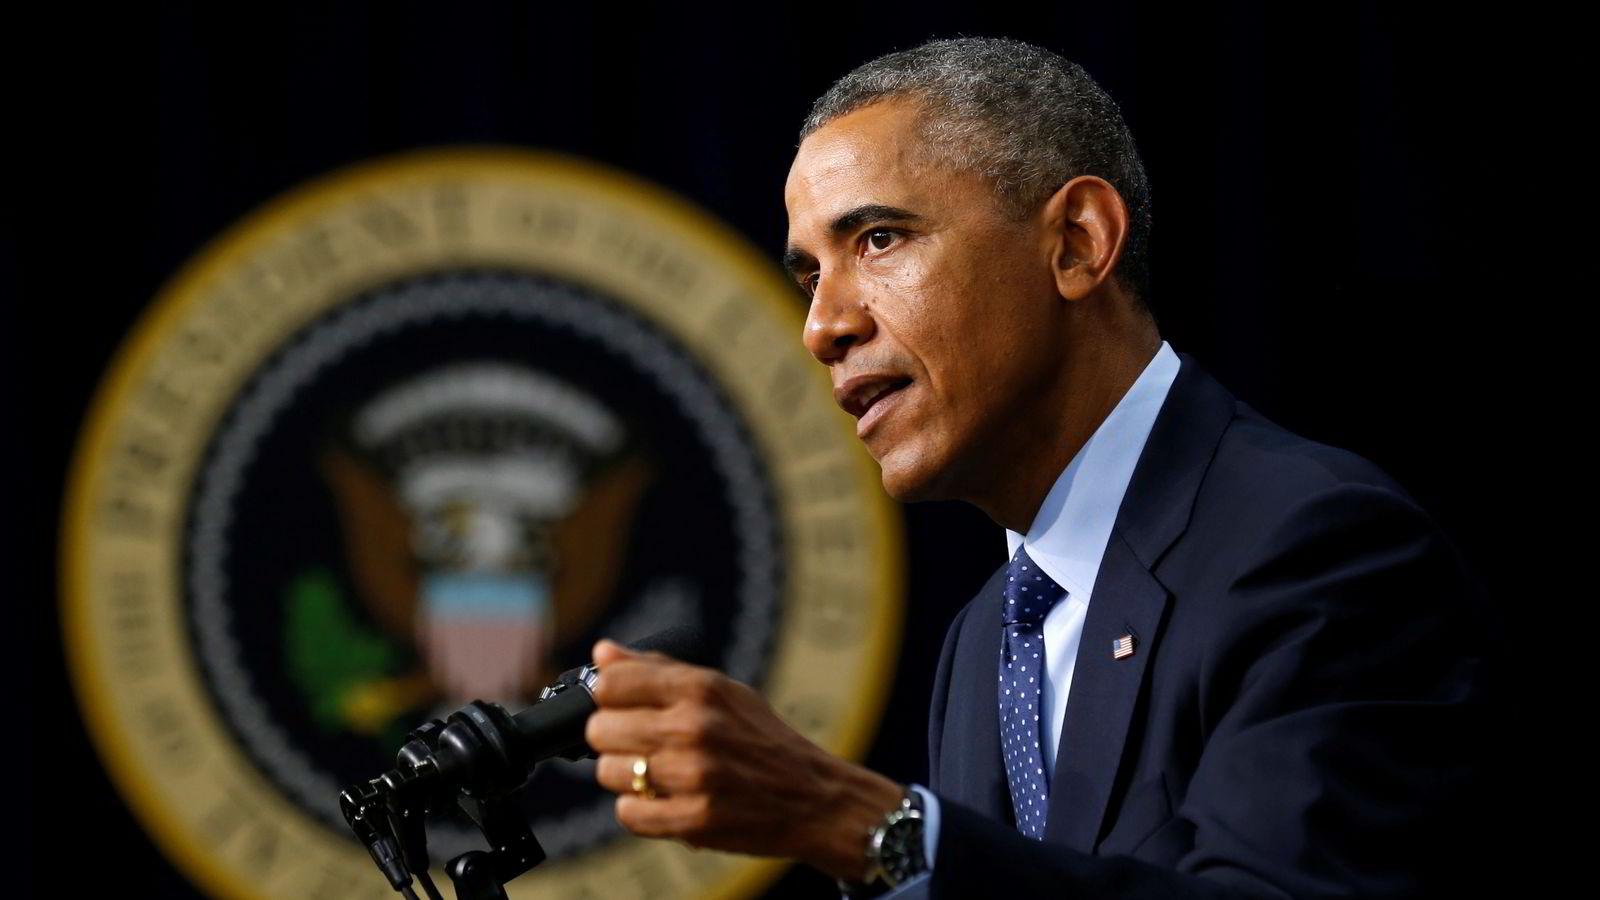 I uvisse tider ser verden til USA og landets verdier som frihet og demokrati, sa Obama lørdag i sin ukentlige tale. Foto: Kevin Lamarque/Reuters/NTB scanpix